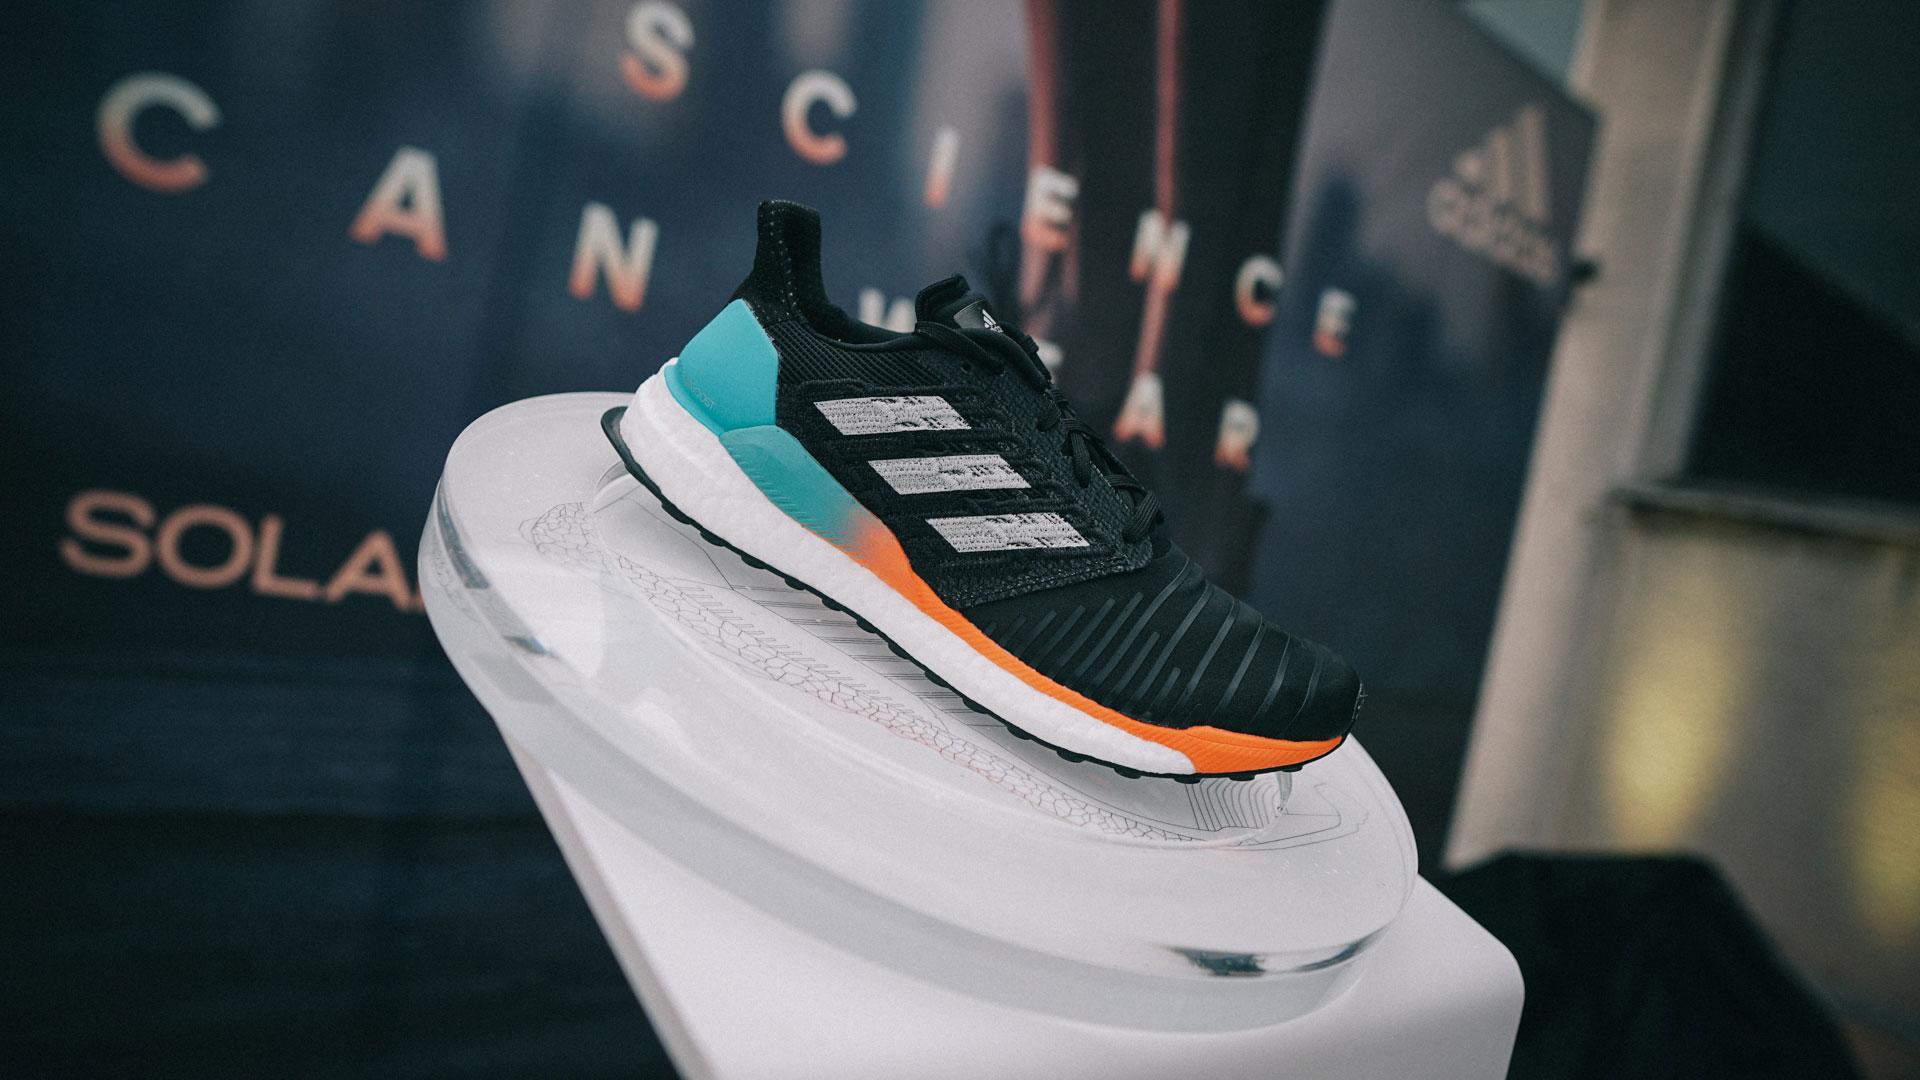 adidas-solar-boost-5